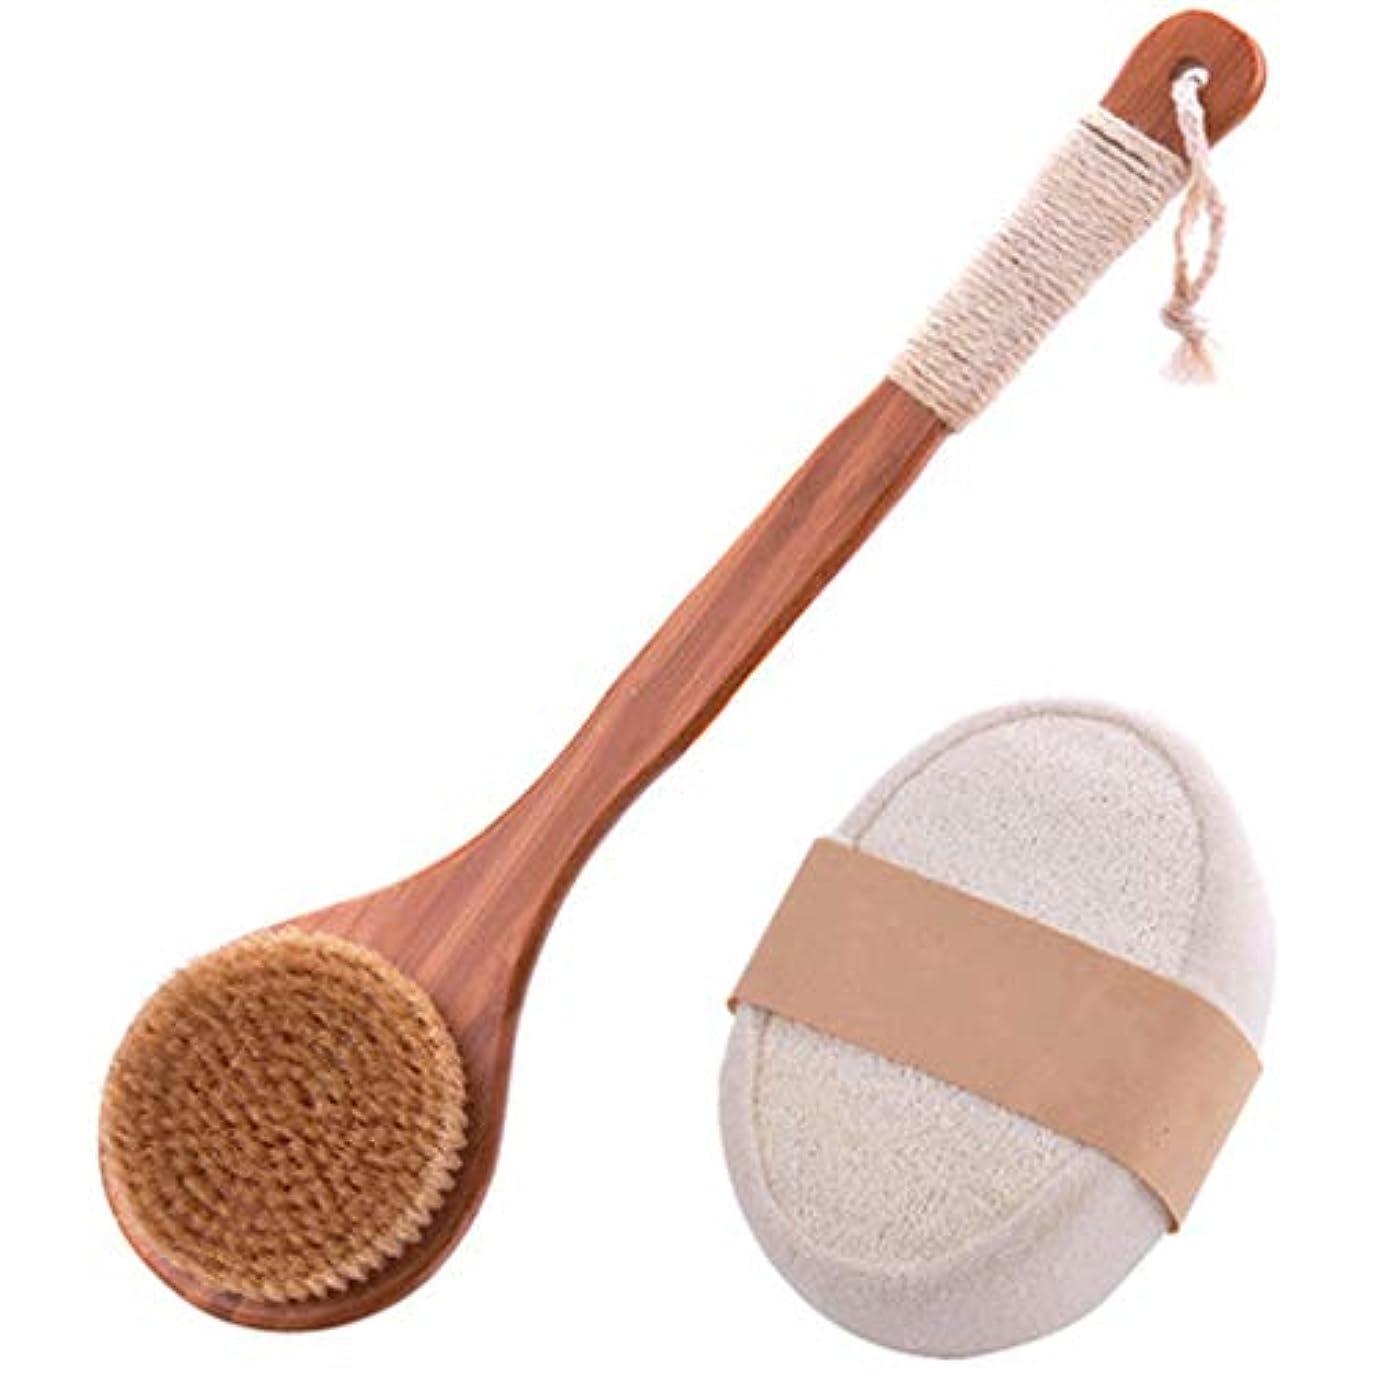 待つ従事するどれかバスブラシバックブラシロングハンドルやわらかい毛髪バスブラシバスブラシ角質除去クリーニングブラシ (Color : A)